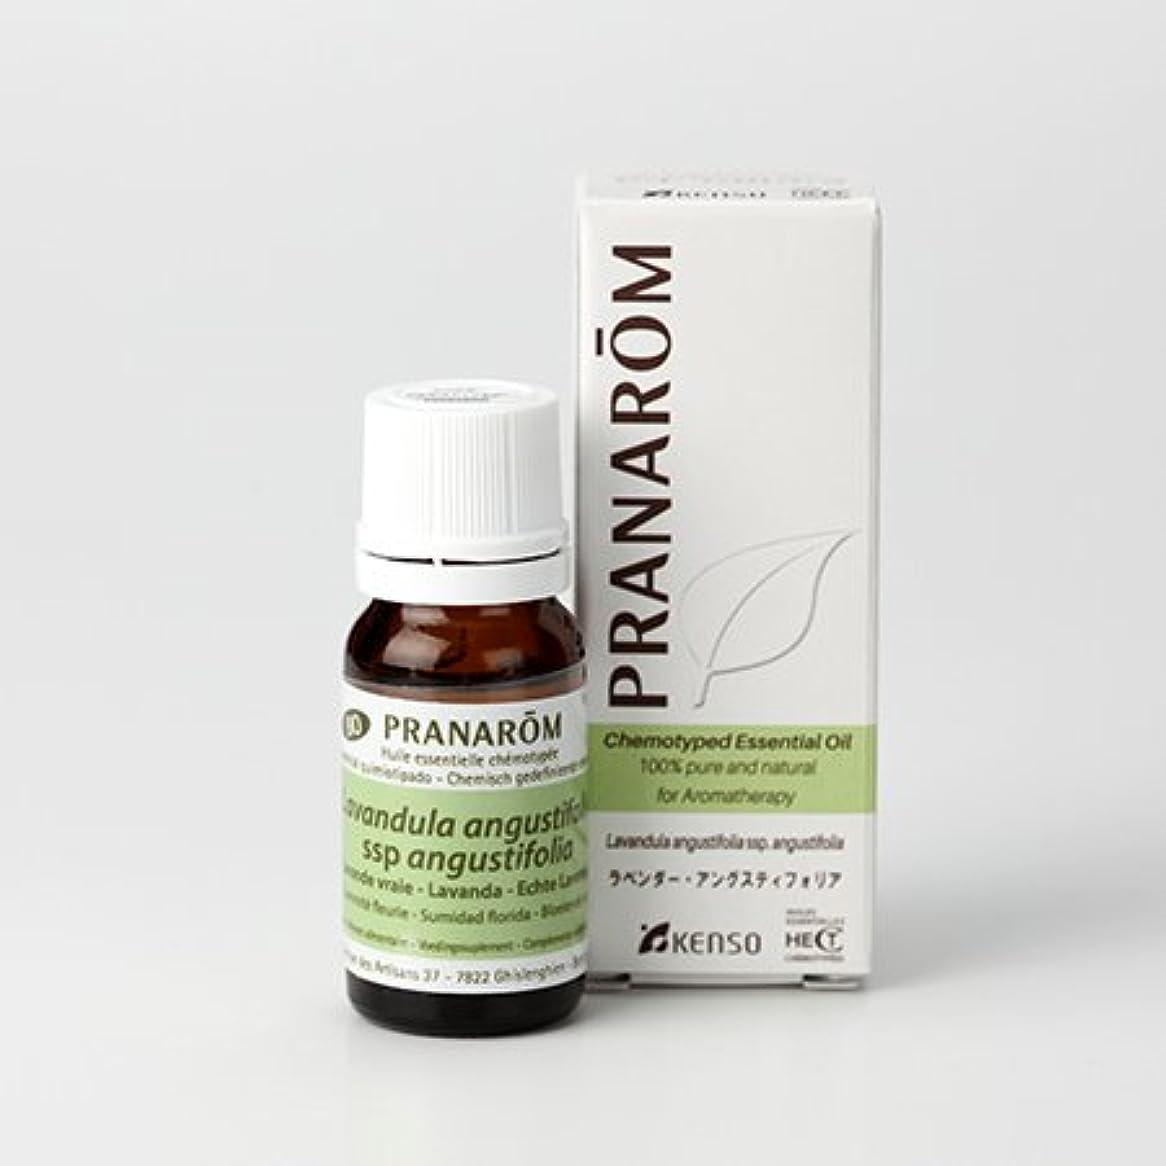 座る翻訳メダリストプラナロム精油(P-098 ラベンダーアングスティフォリア?10ml)